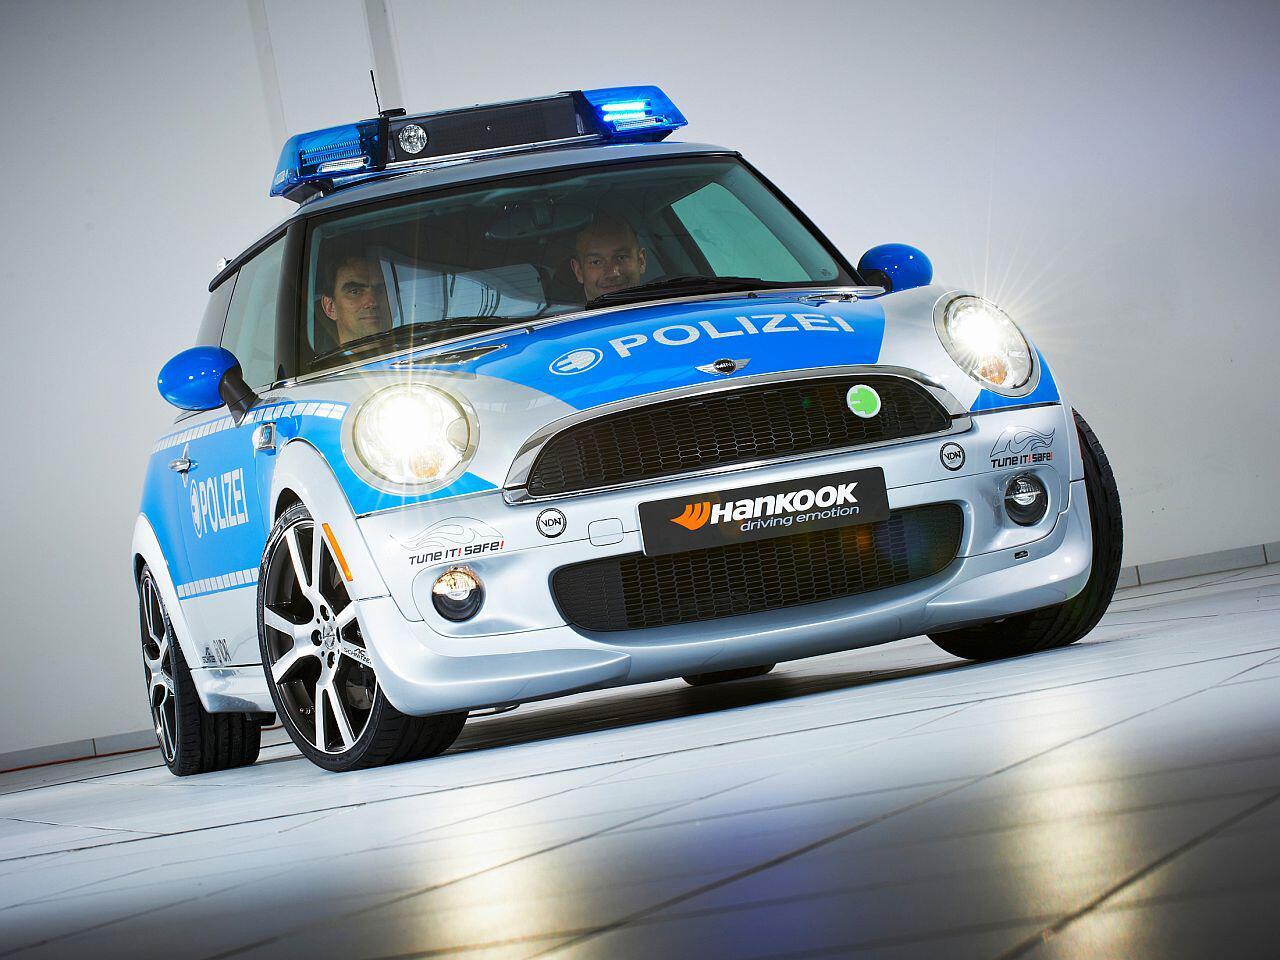 Bild zu Verbrecherjagd im Mini Cooper: Die Polizei-Farben stehen dem Mini richtig gut